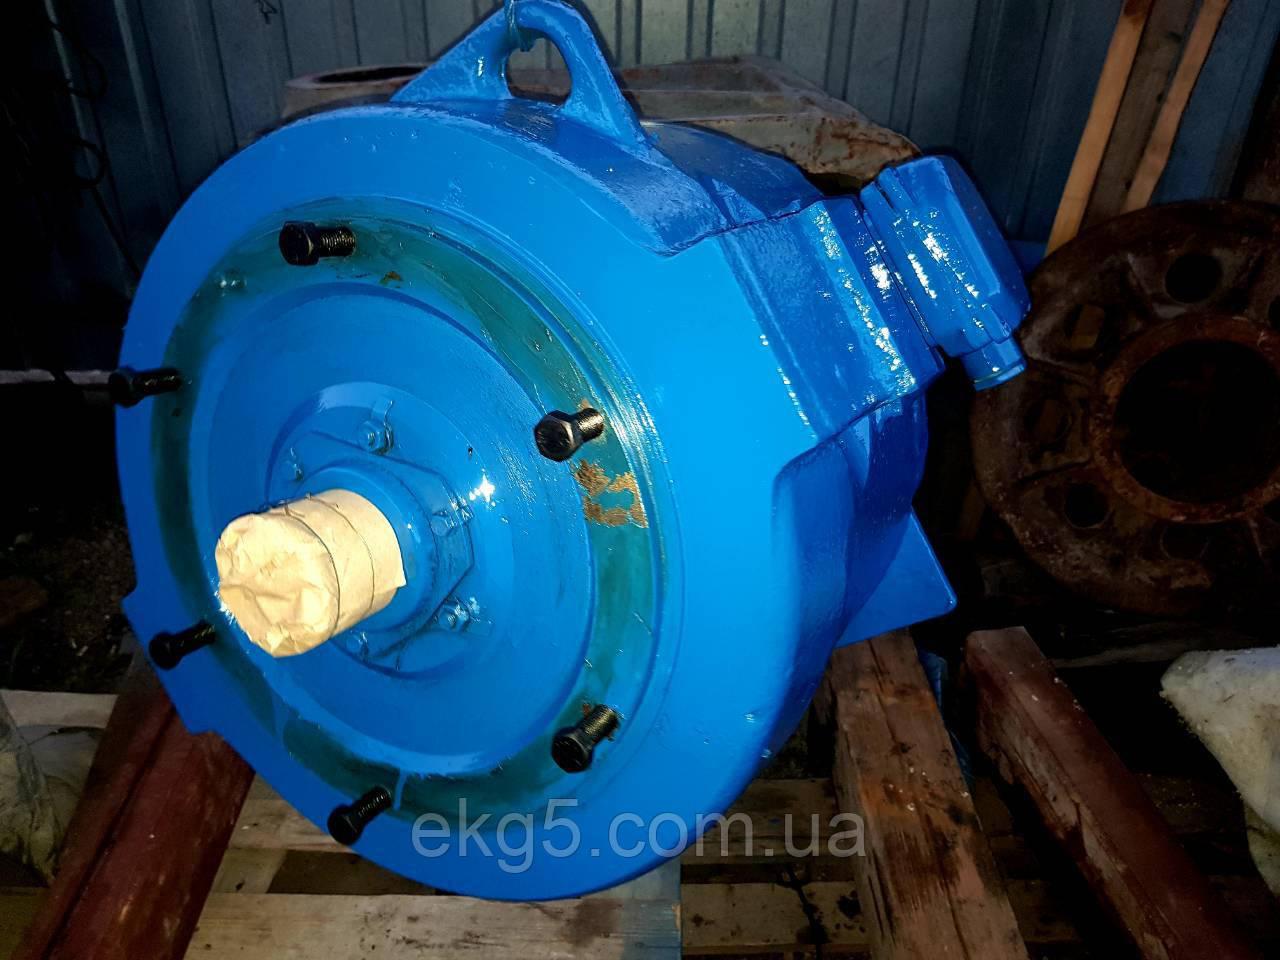 Электродвигатель УСЛ 548 А(ДК548А)